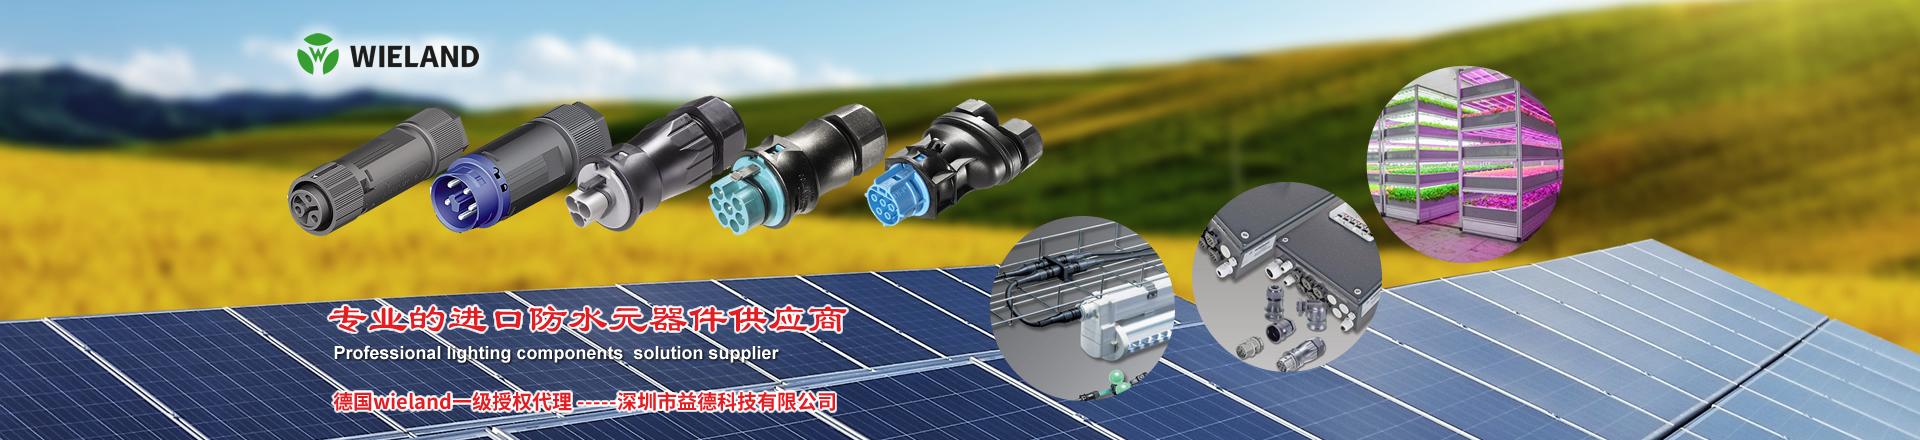 專業的進口防水元器件供應商